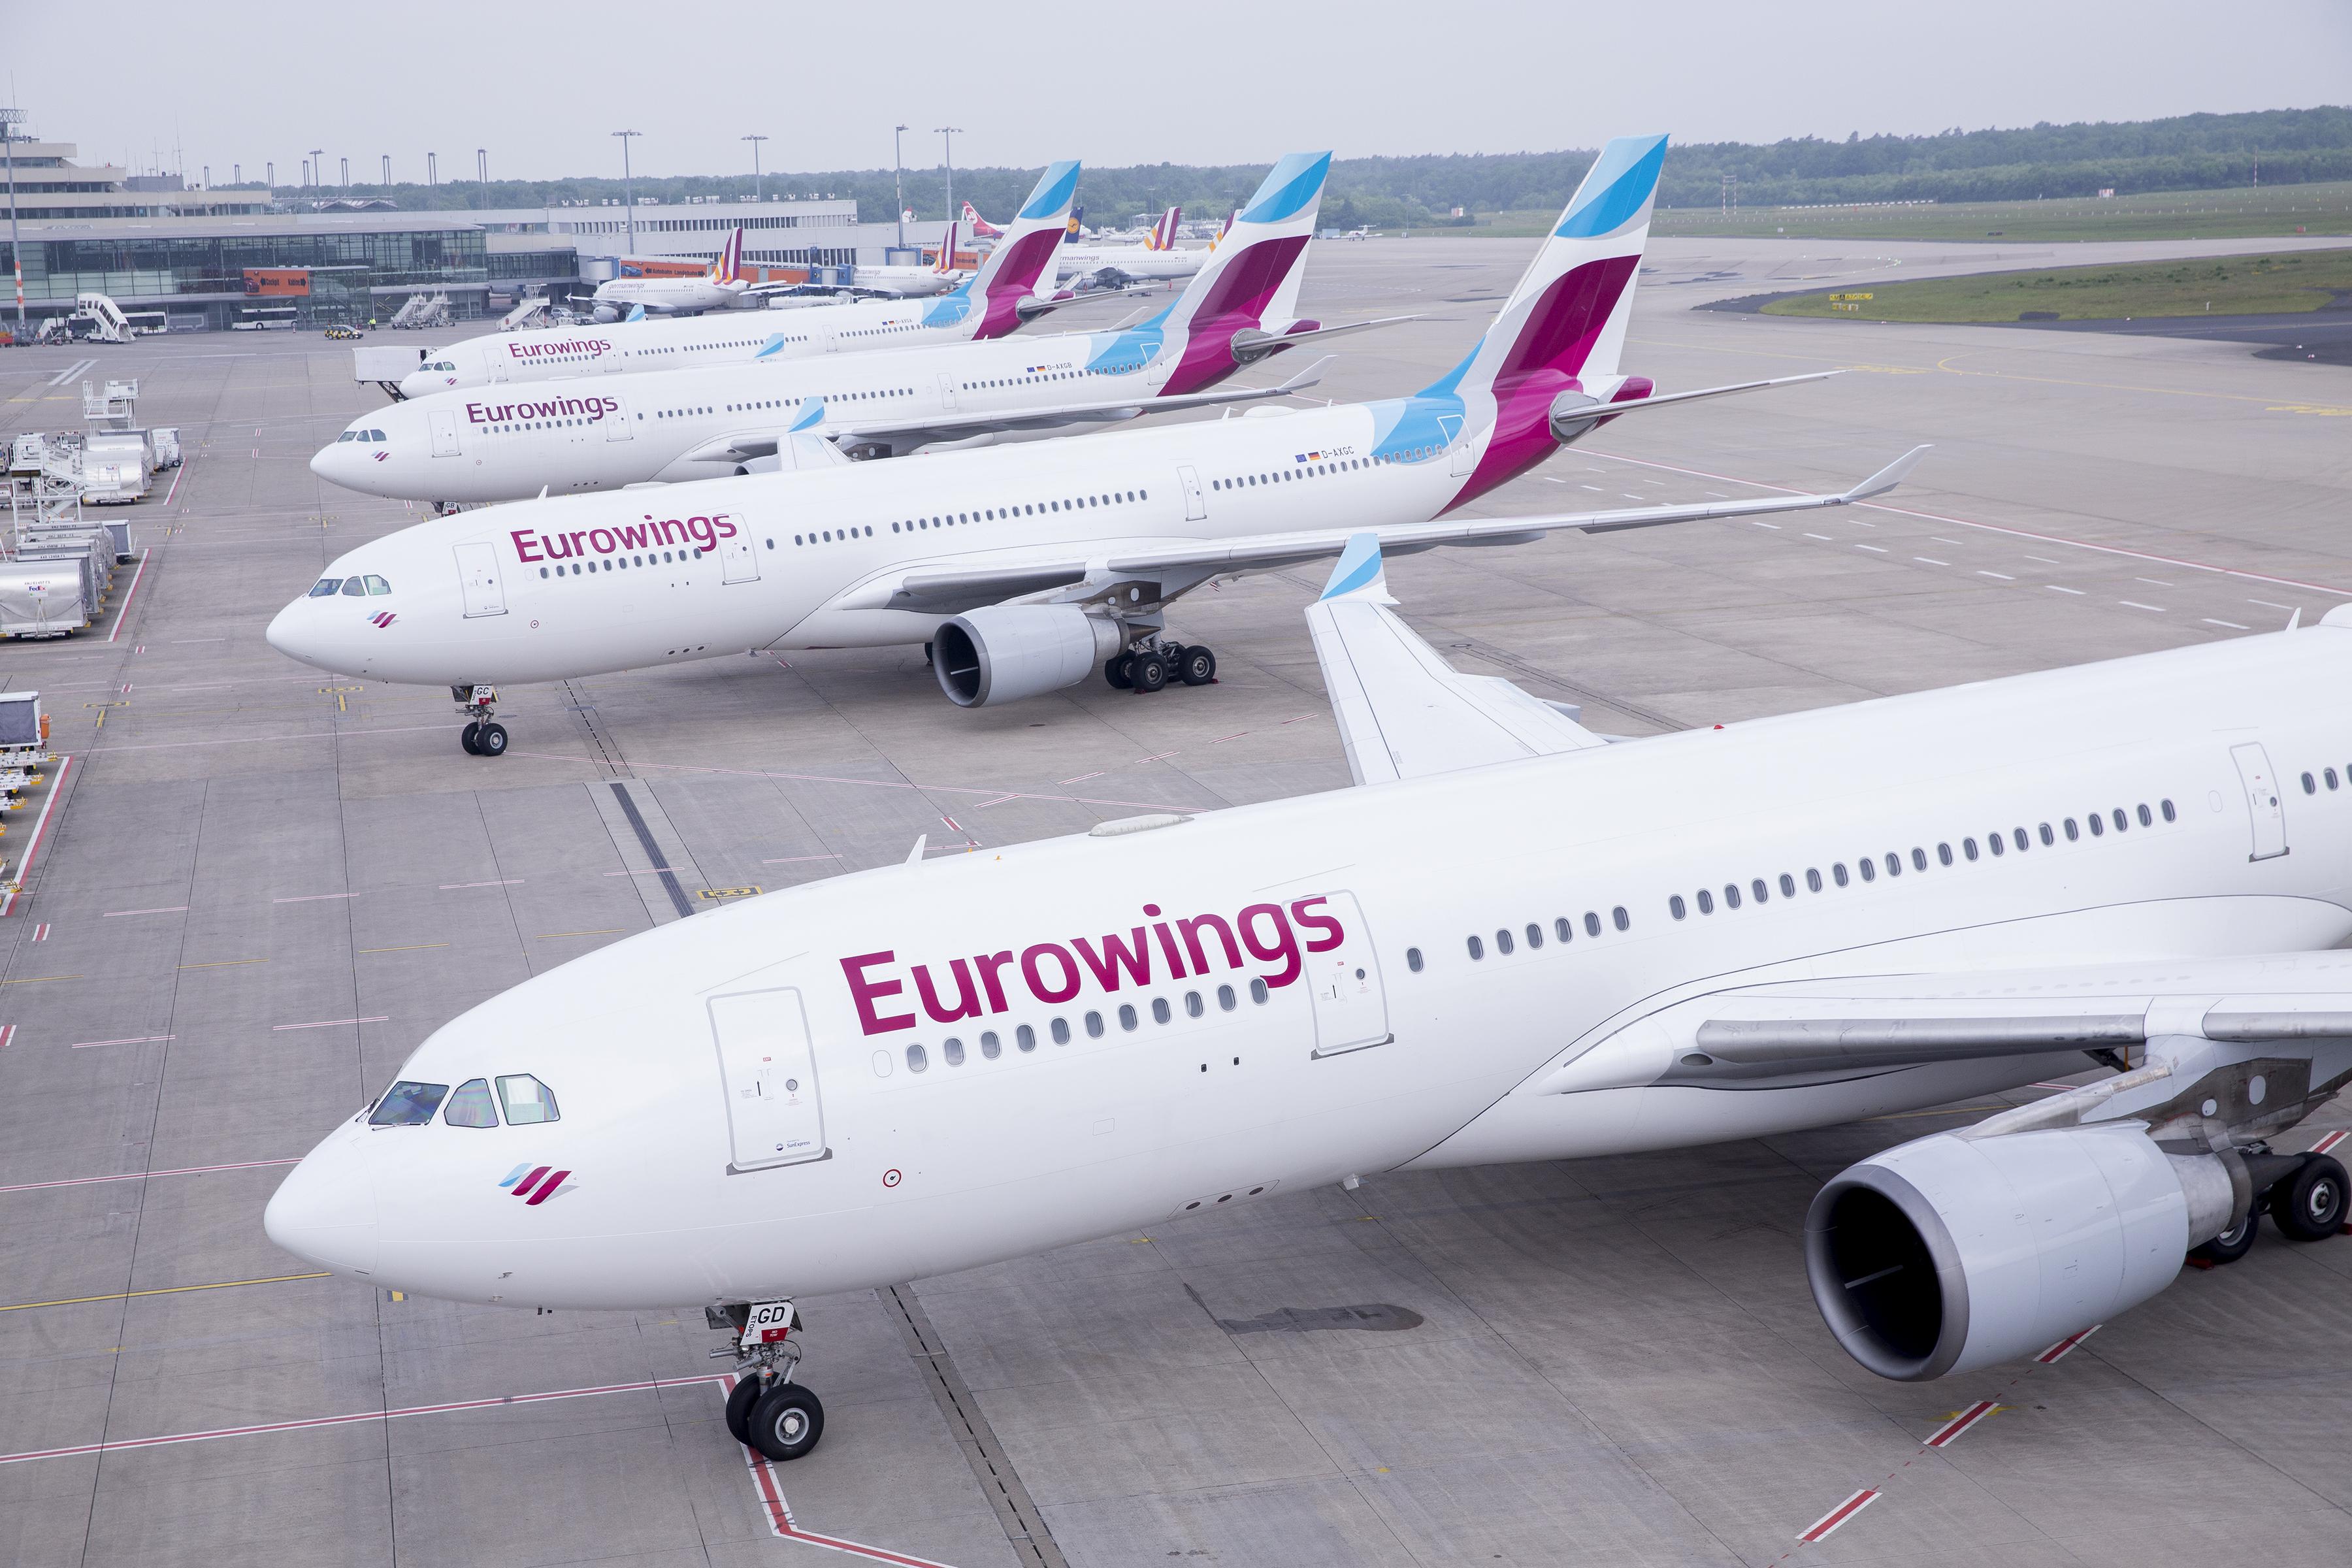 En Airbus A330 fra Brussels Airlines, men i tyske Eurowings-farver, måtte forleden flyve ni timer fra Bruxelles – og tilbage til Bruxelles; målet var ellers Washington DC. Pressefoto: Eurowings.